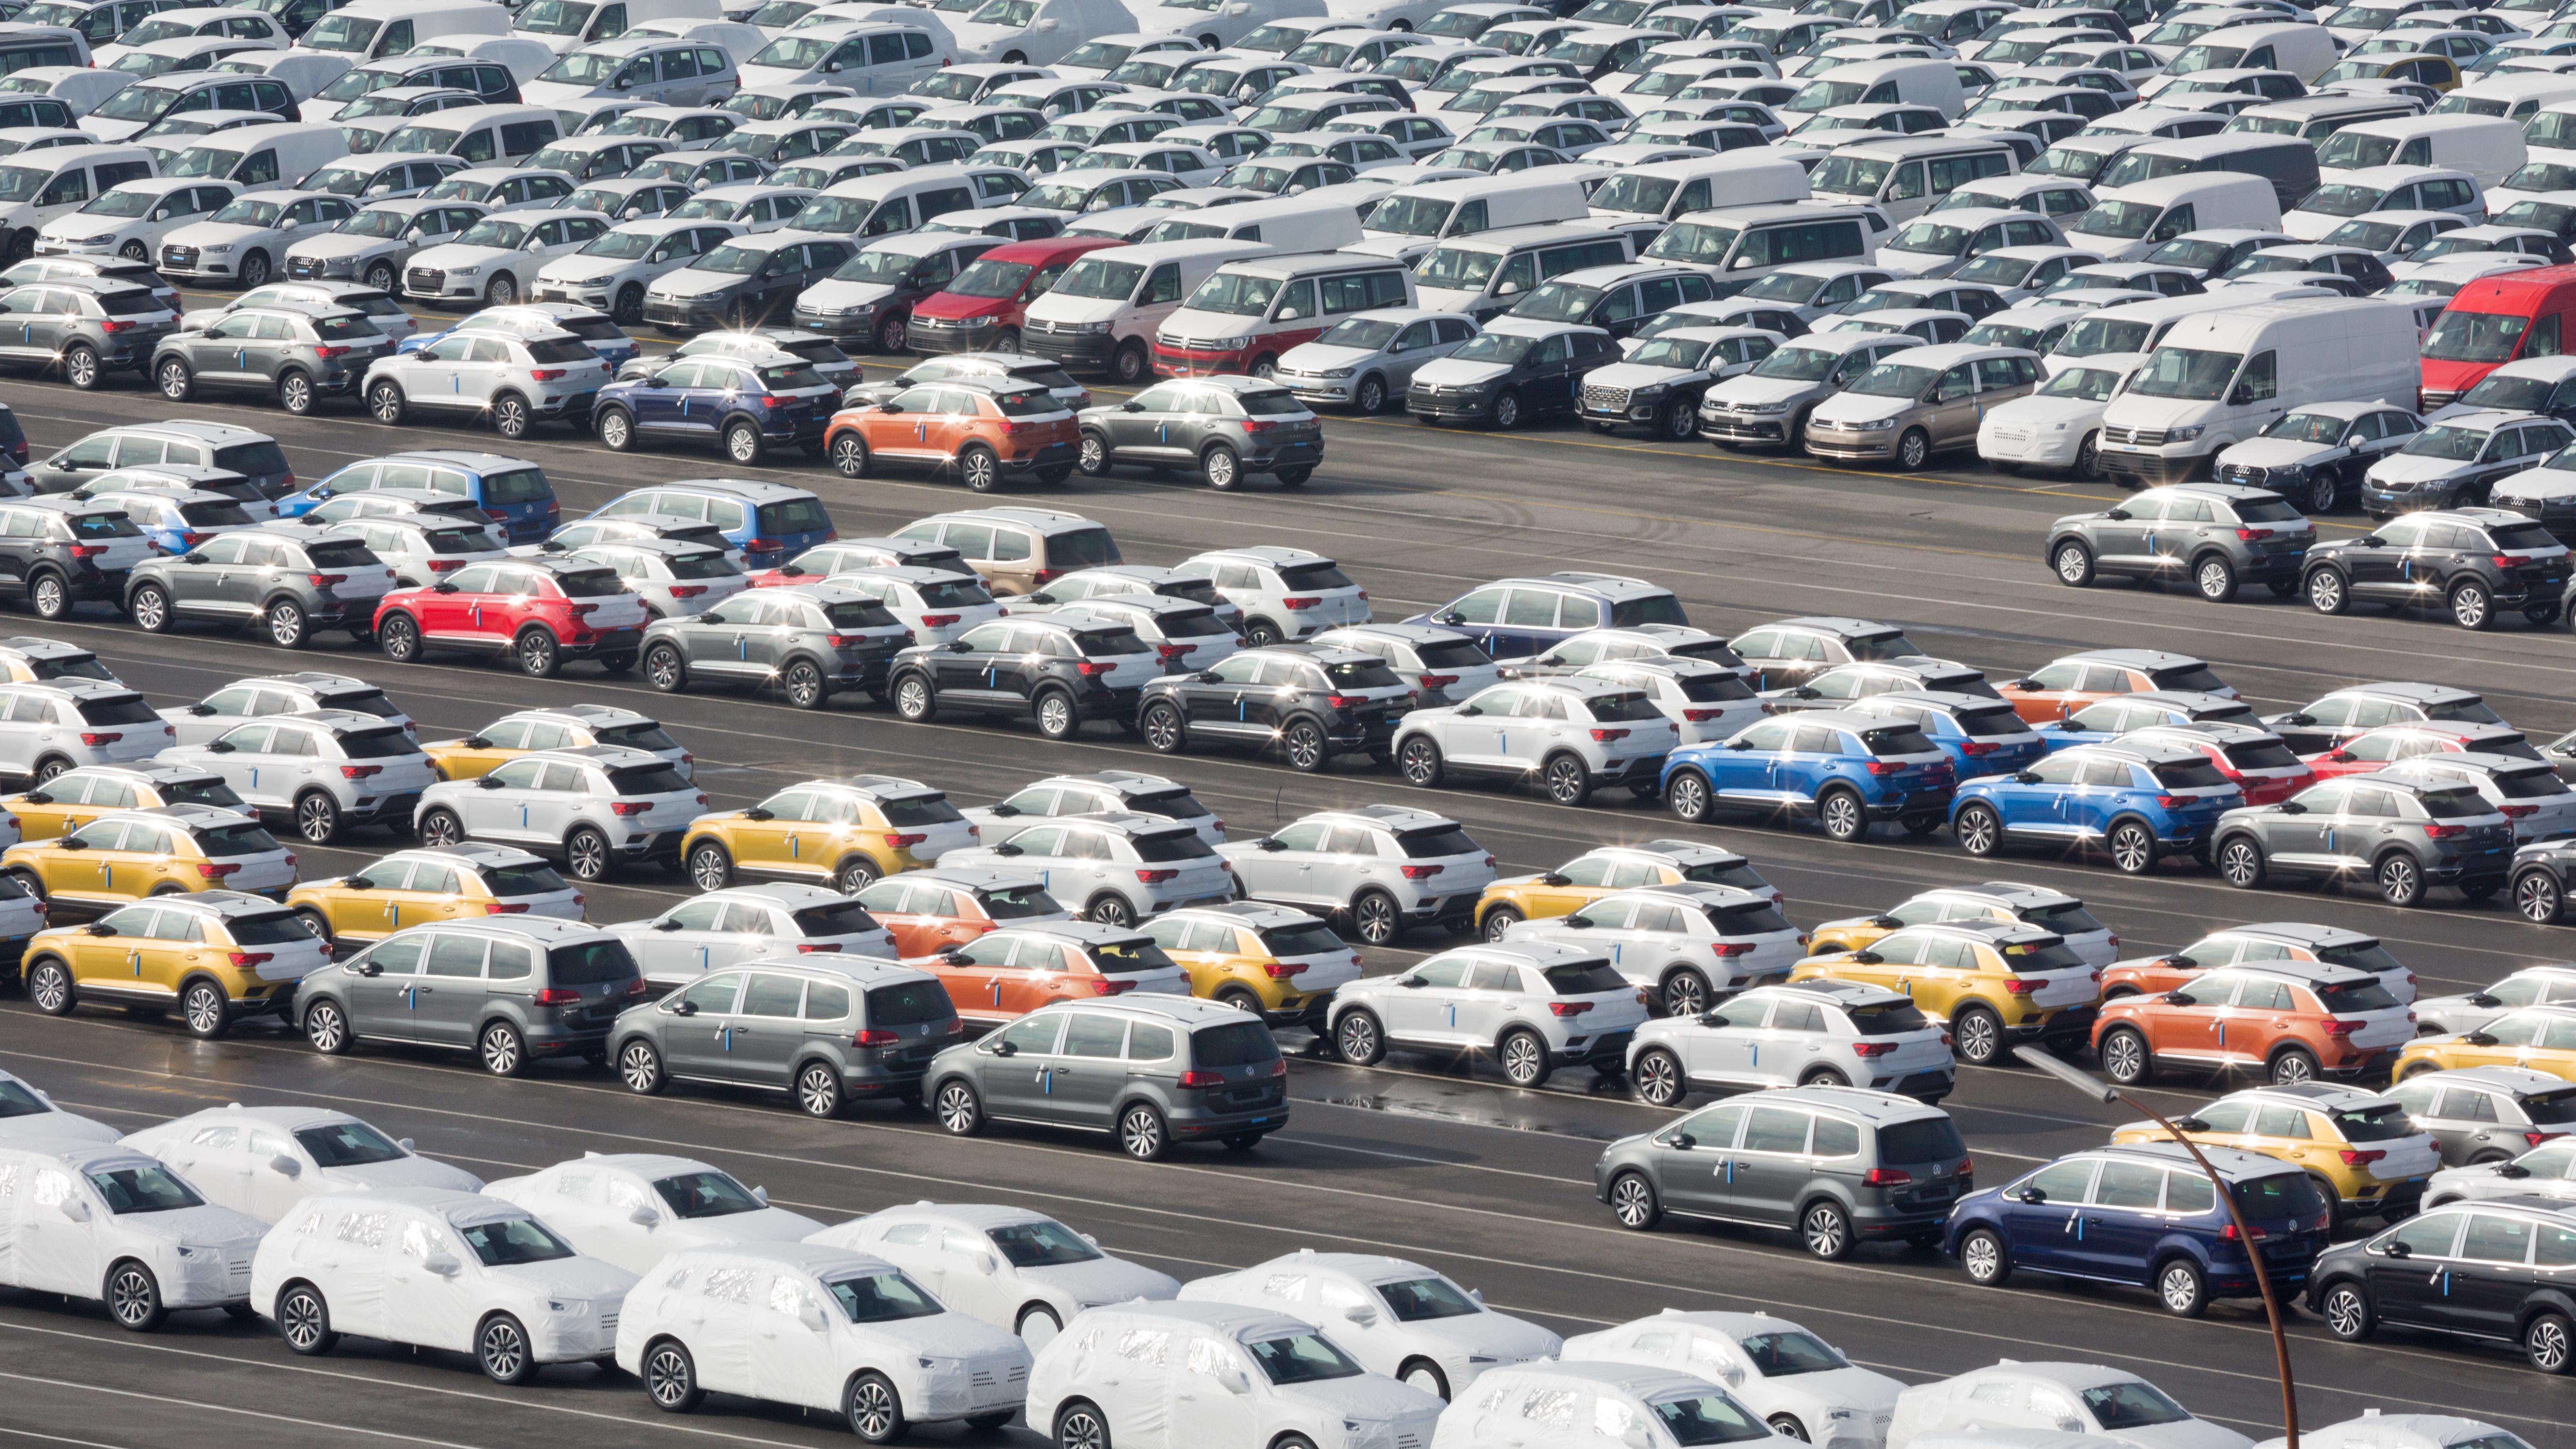 Fahrzeuge des VW-Konzerns stehen im Hafen von Emden zur Verschiffung bereit.